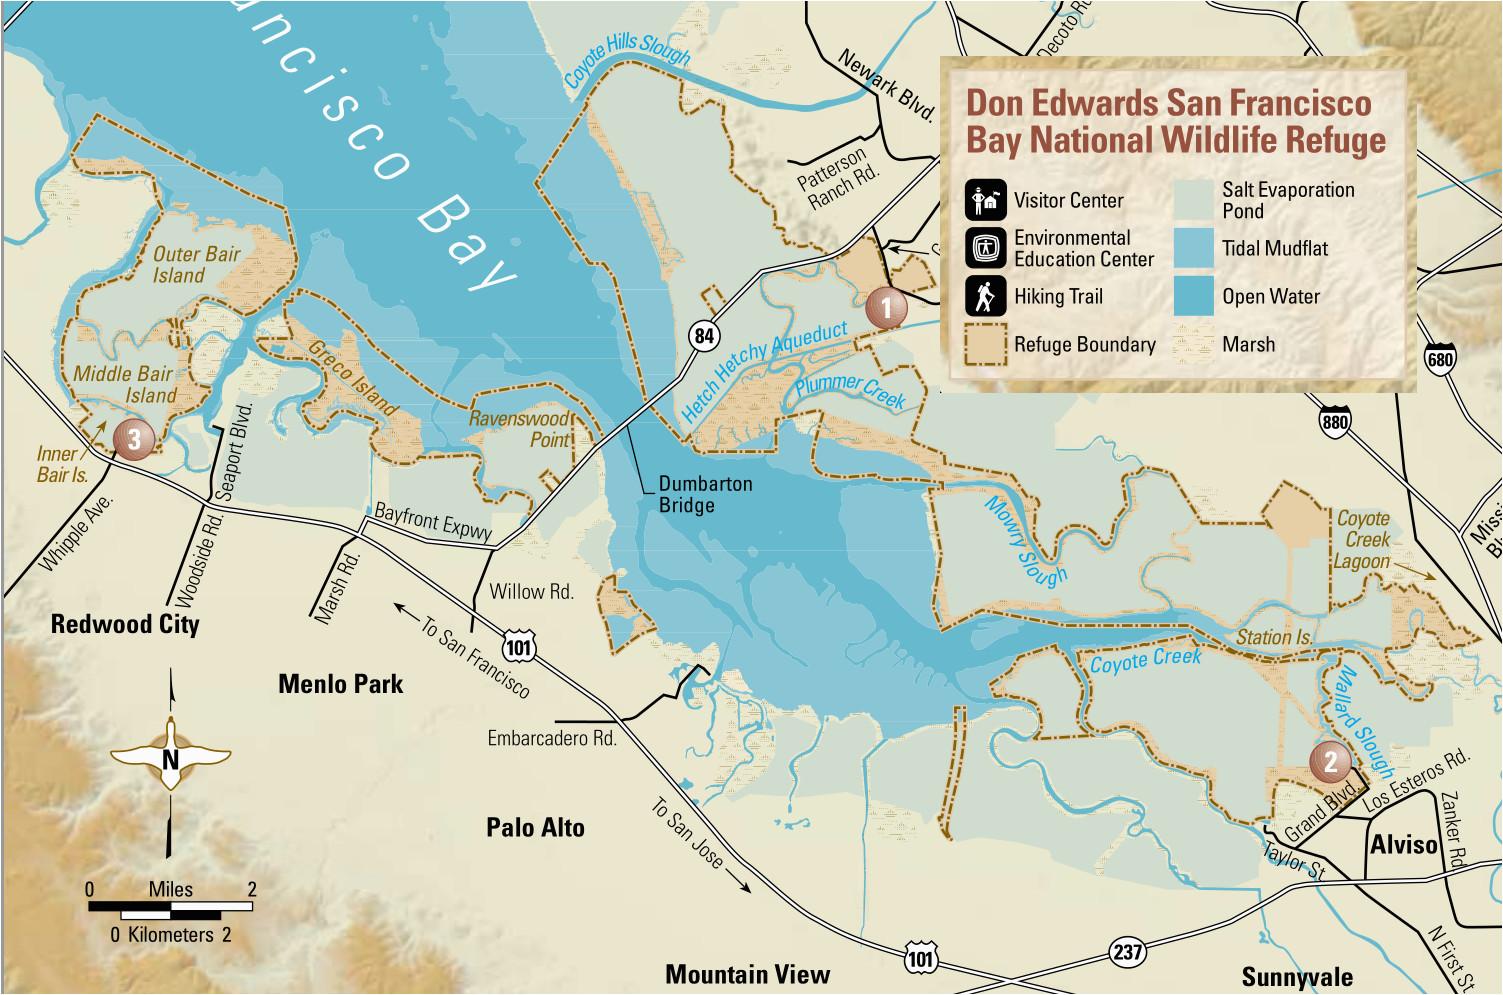 don edwards san francisco bay national wildlife refuge wikipedia